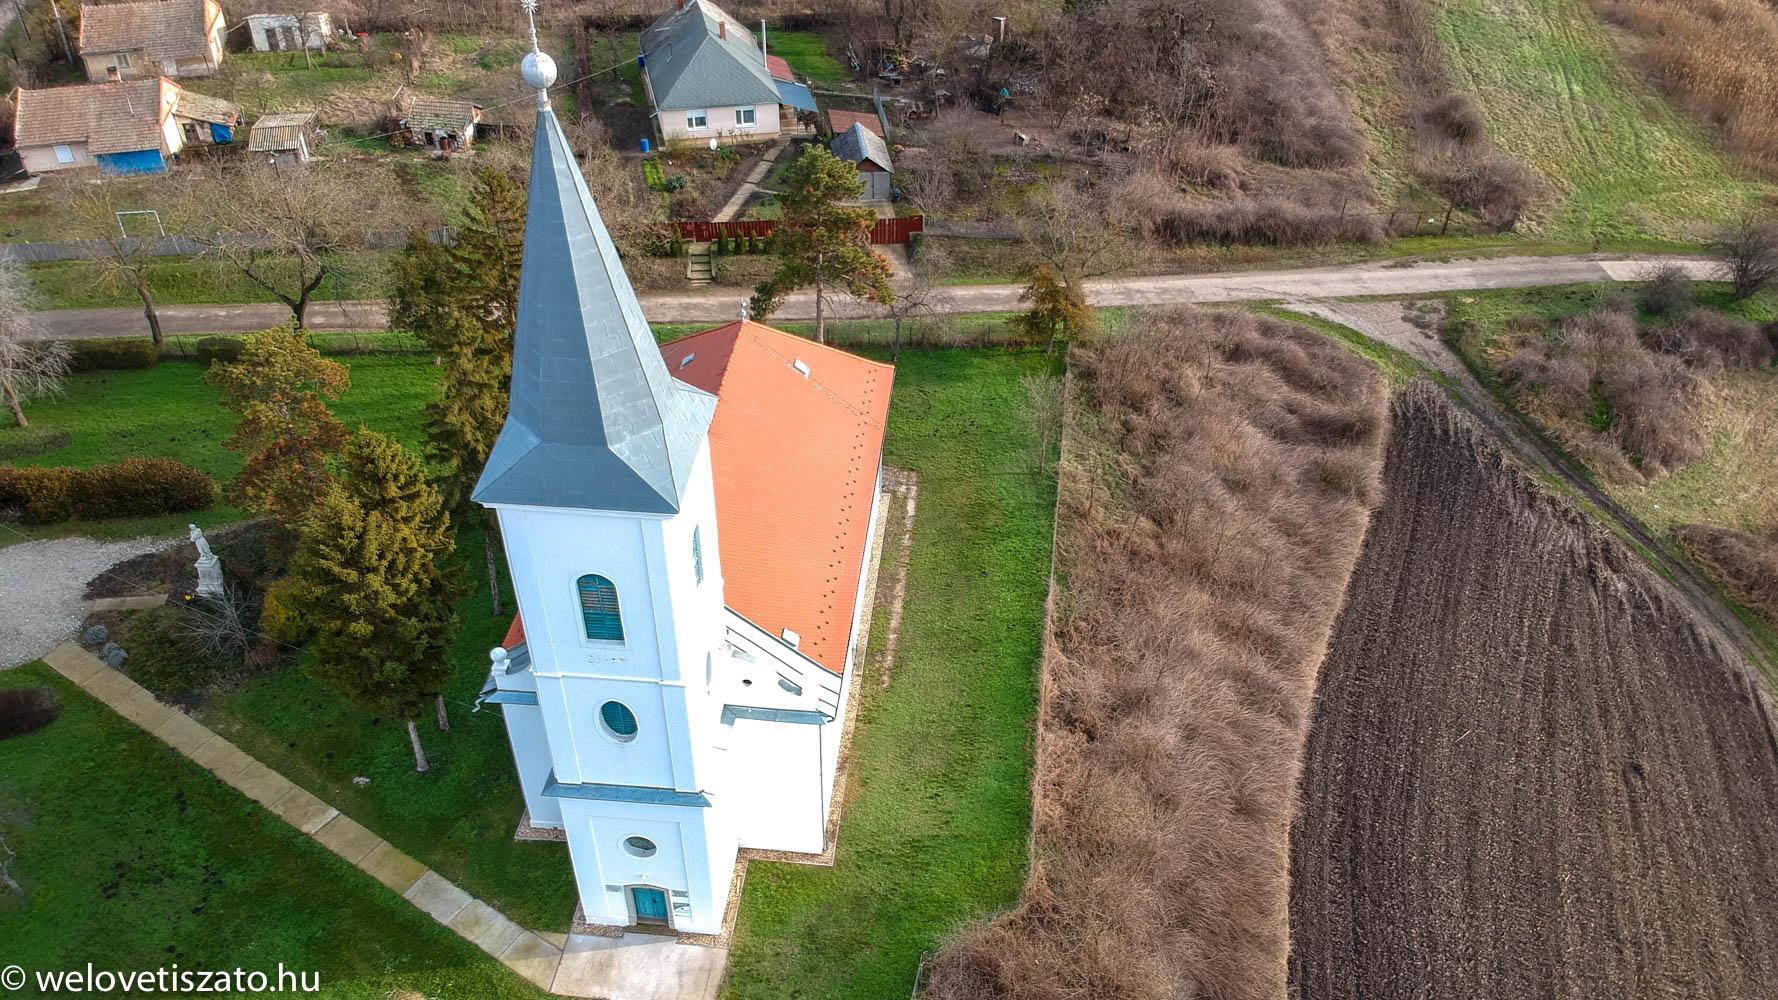 Tiszaigar református templom, az arborétum felé vezető út mellett